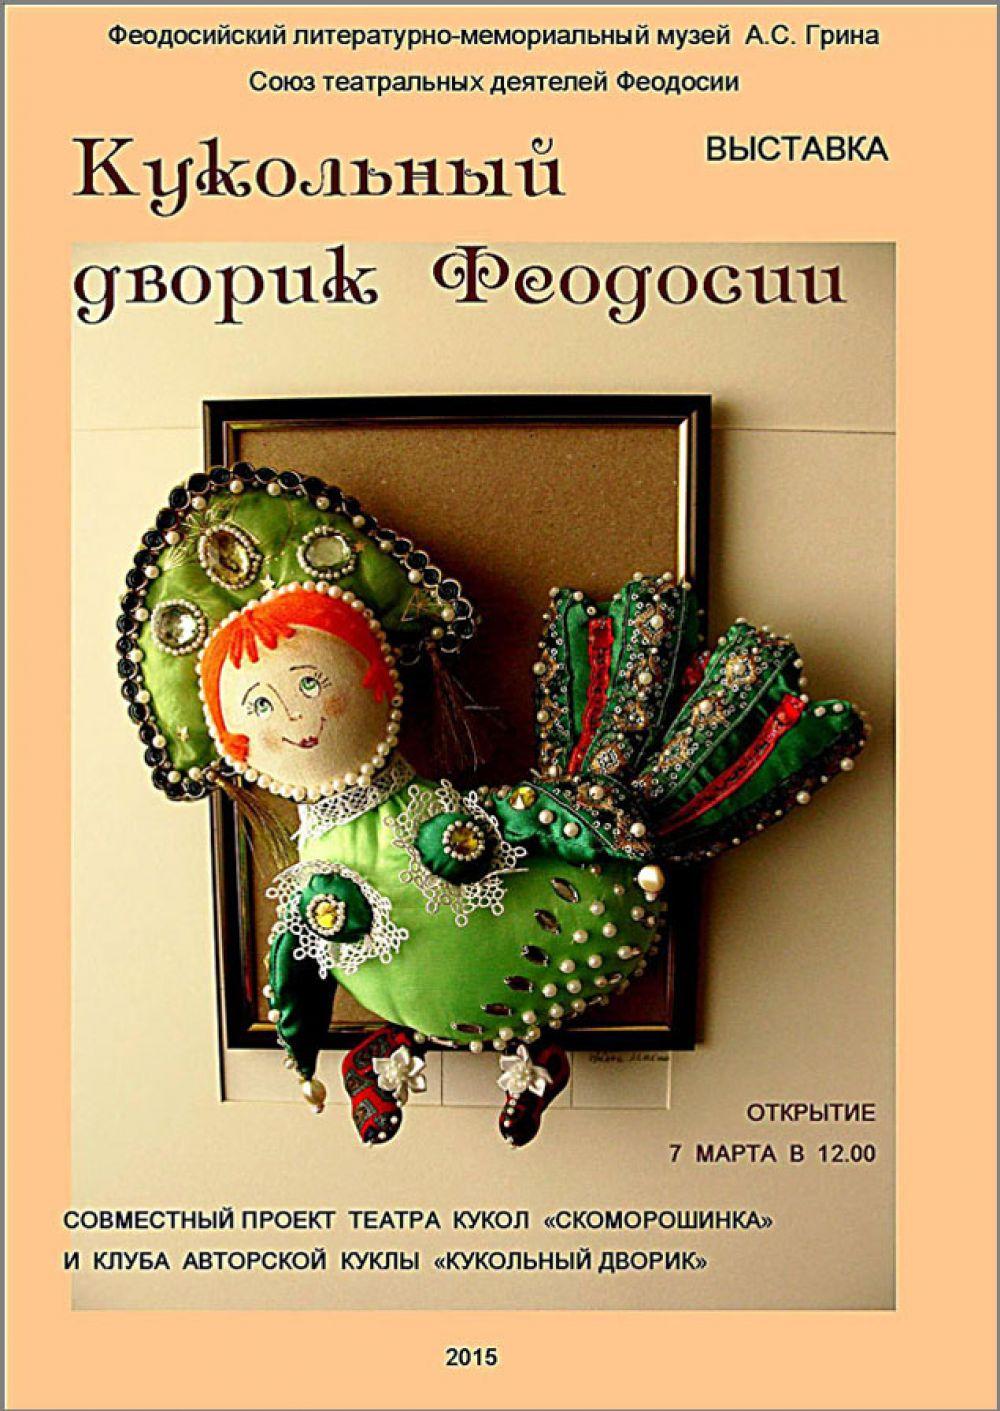 В музее Грина откроется выставка «Кукольный дворик Феодосии»